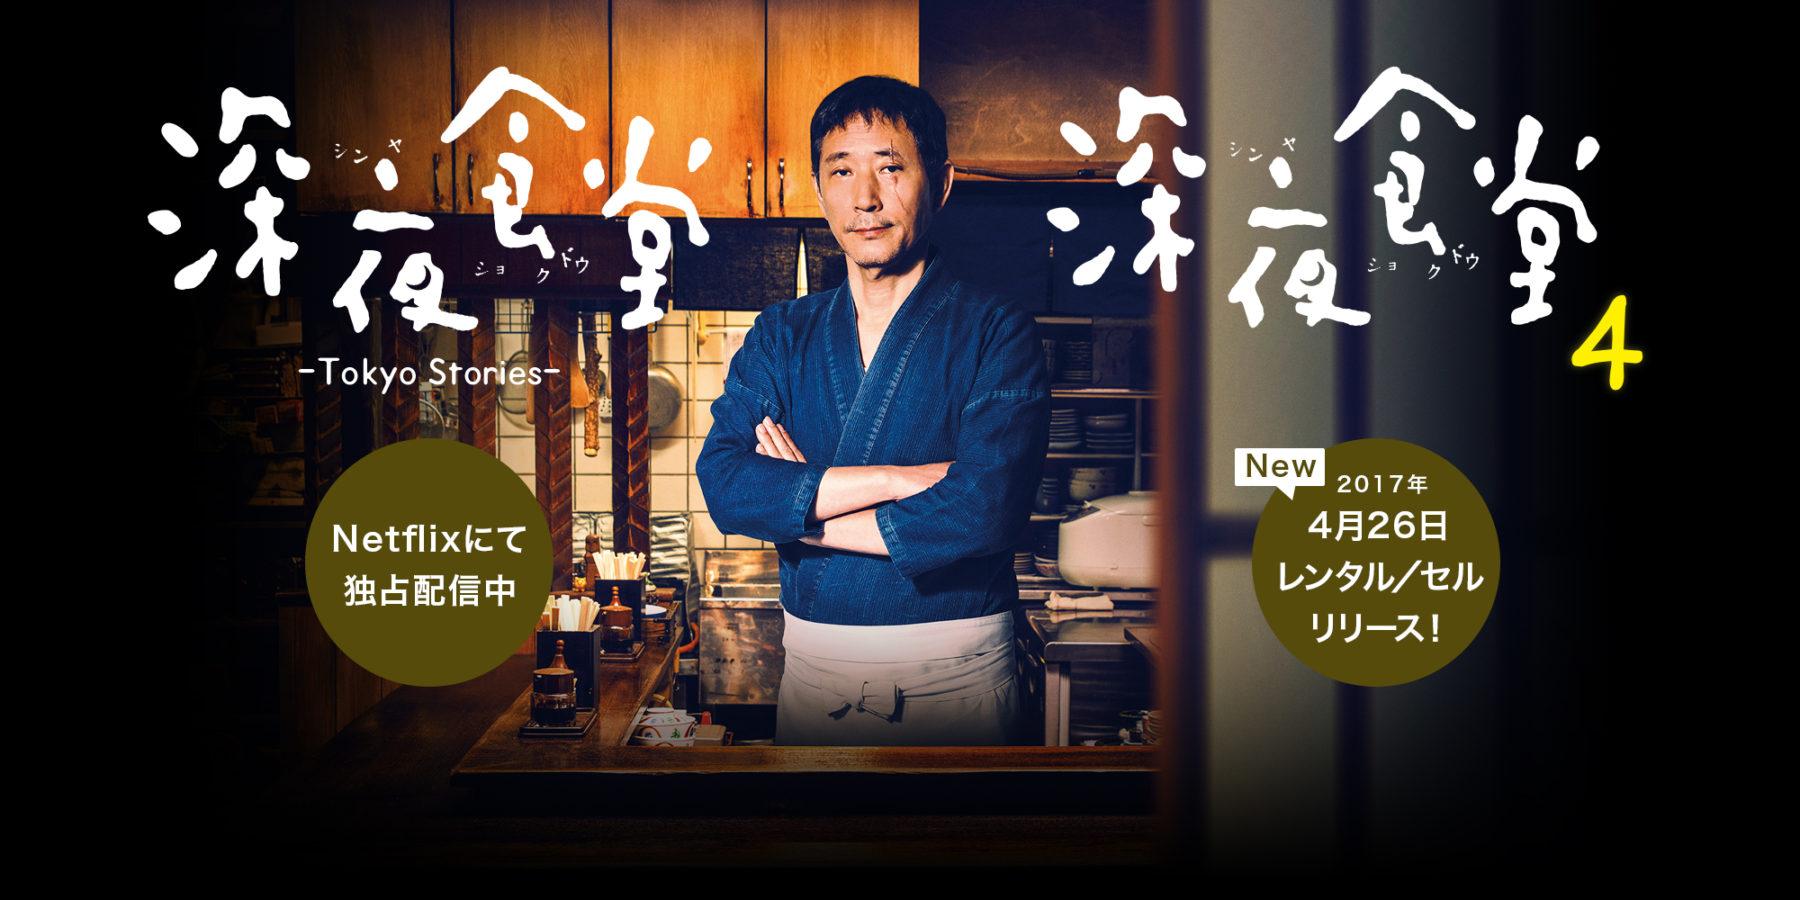 深夜食堂 -Tokyo Stories-/深夜食堂 第四部